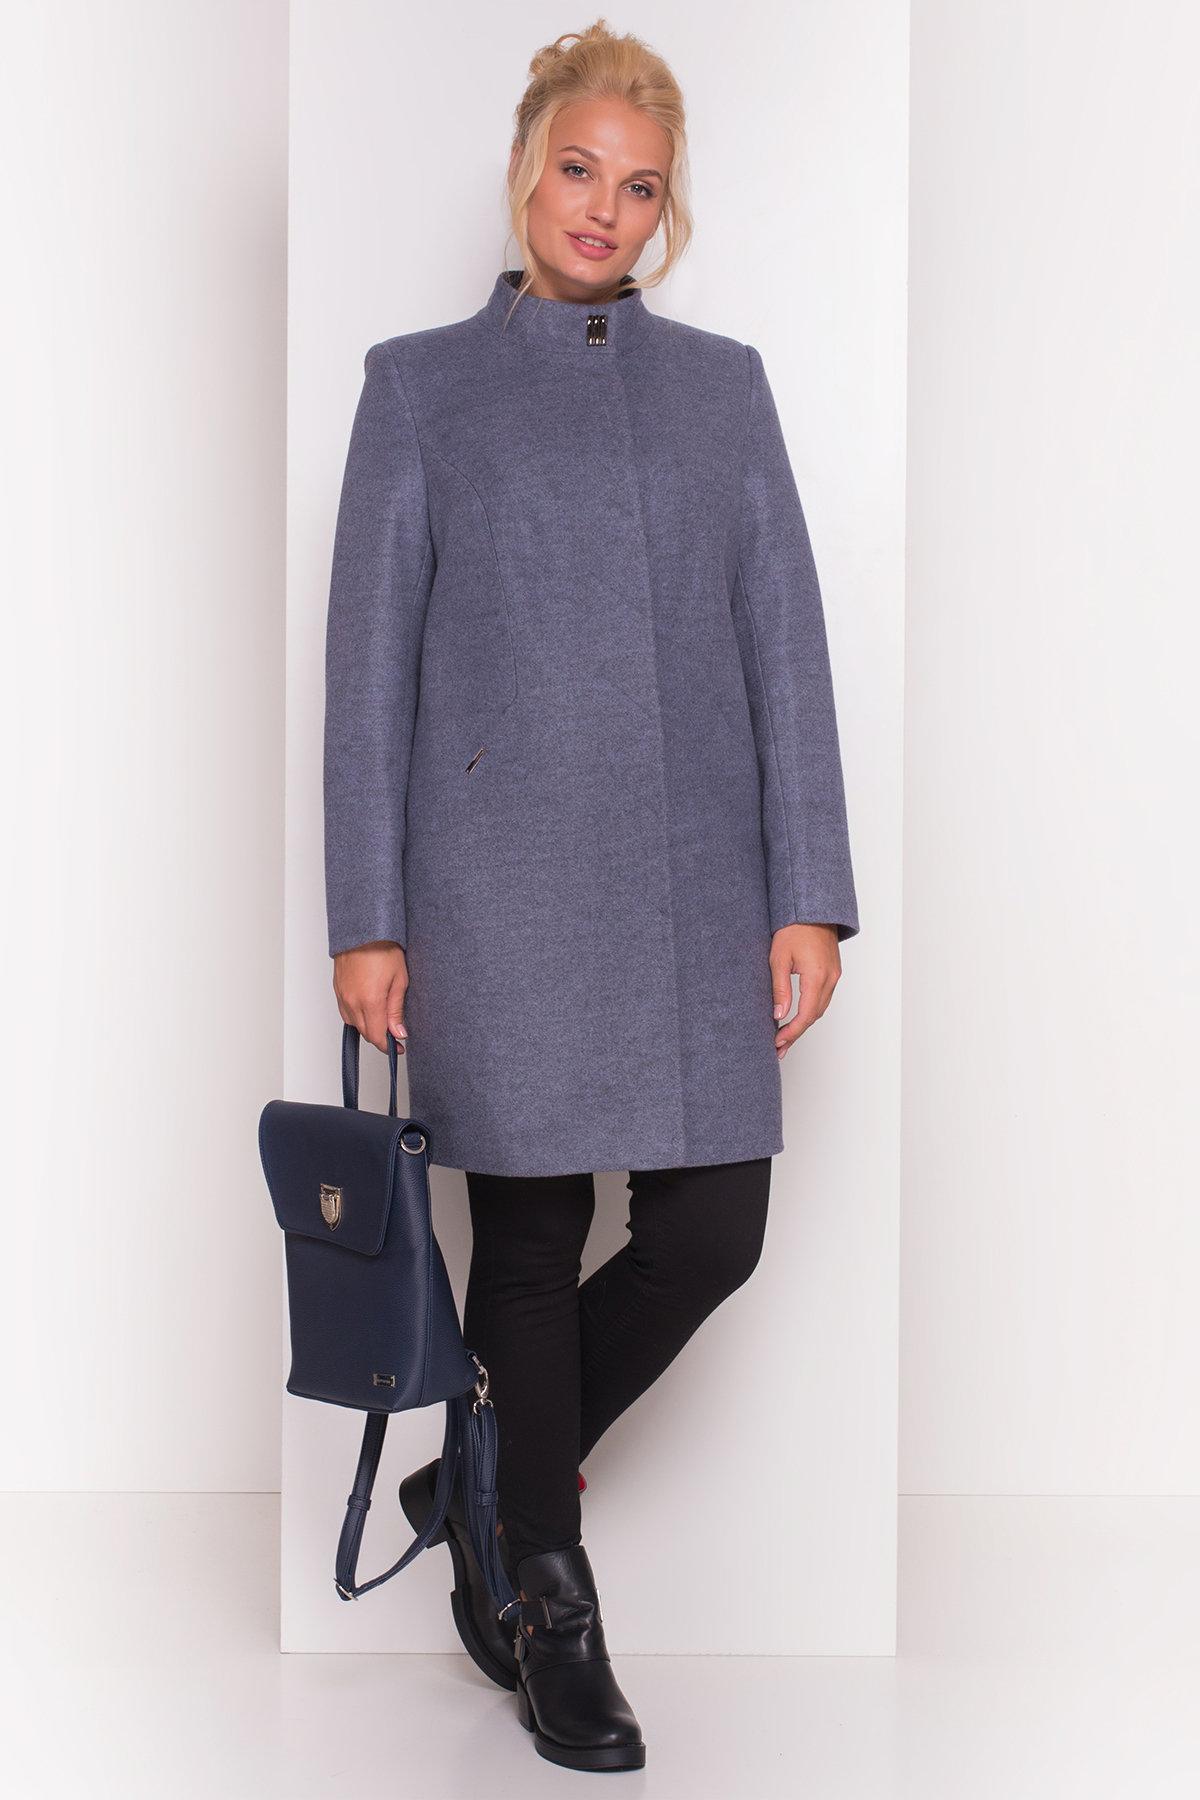 Пальто Сплит DONNA 4466 АРТ. 21353 Цвет: Серый 3 - фото 2, интернет магазин tm-modus.ru